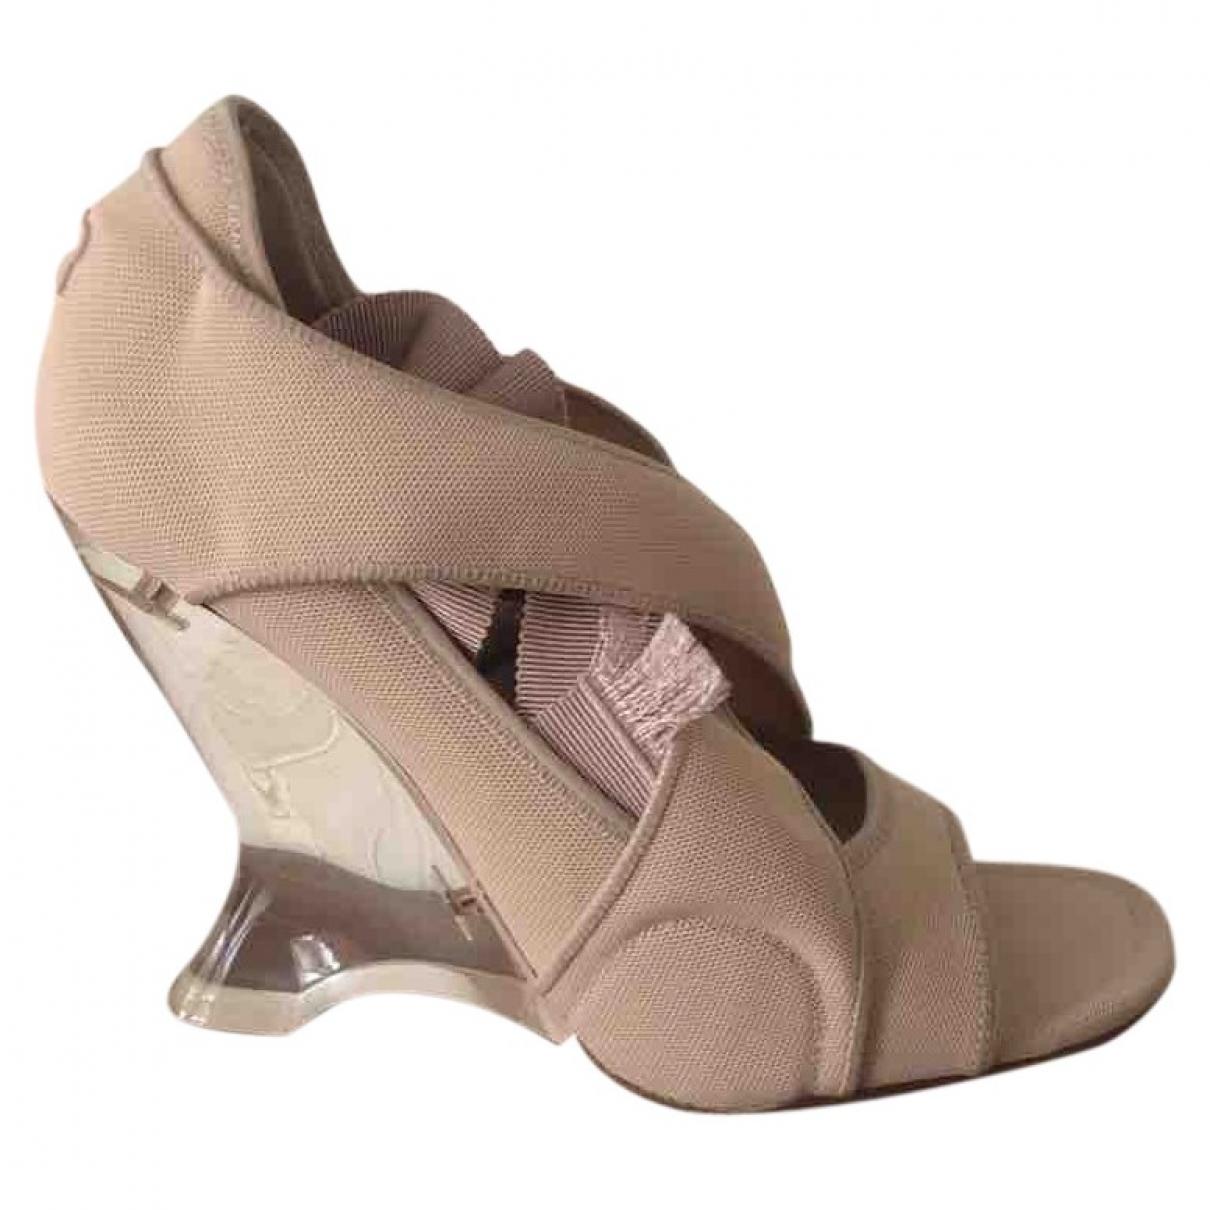 Dior - Sandales Etoile pour femme en toile - beige